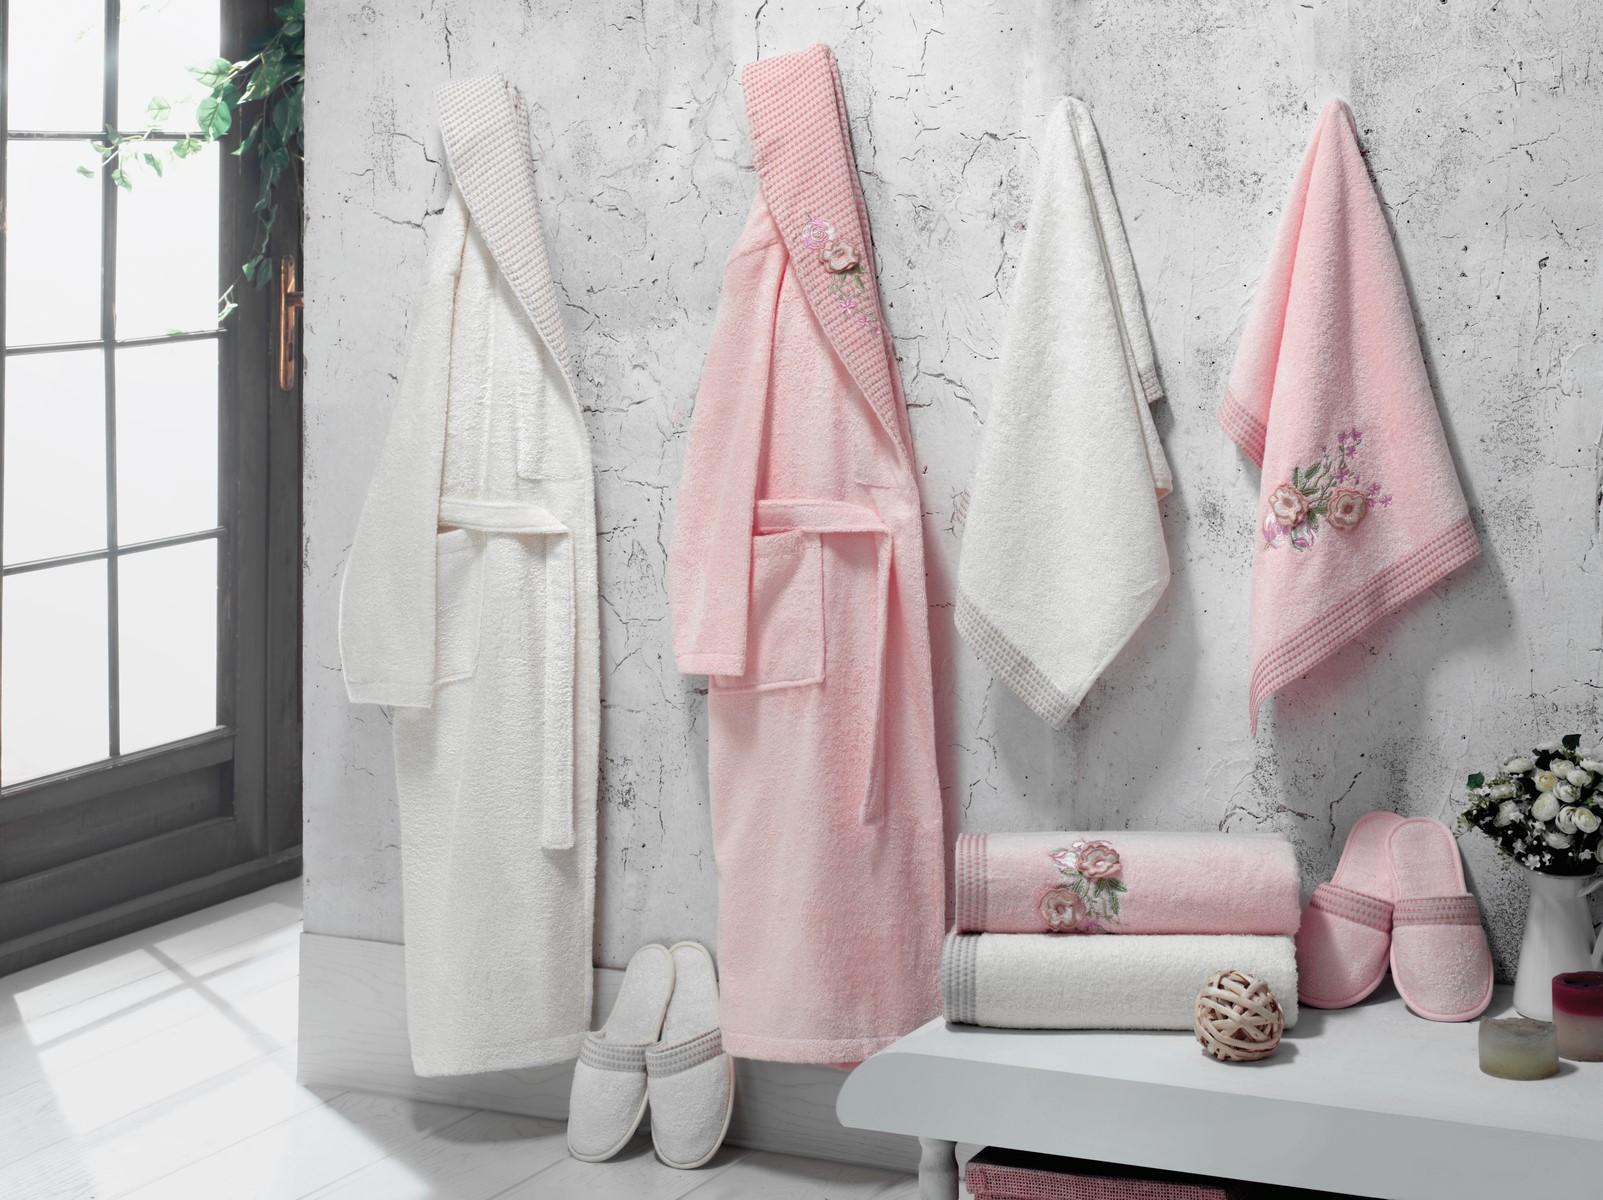 Accessoire Salle De Bain Tunisie ~ ensemble cap de bain pudra ekru meubles et d coration tunisie